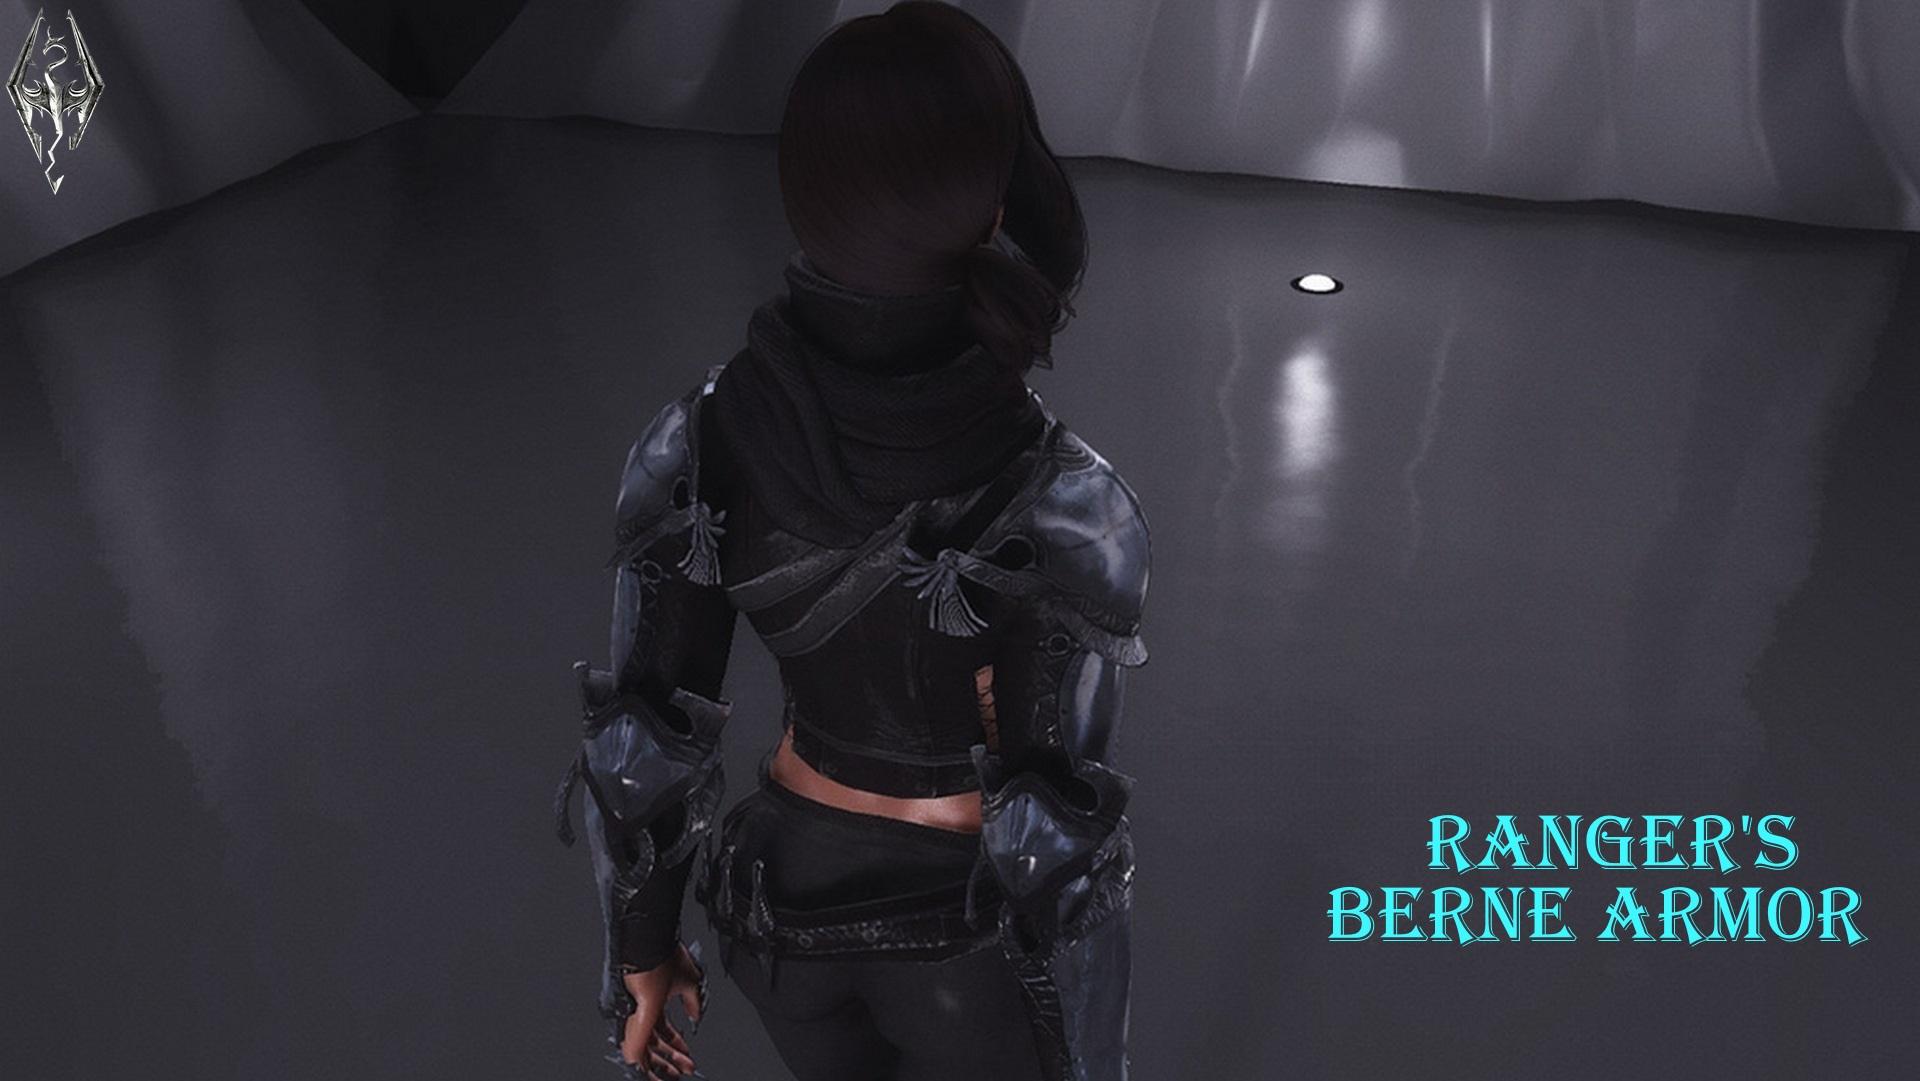 Ranger's_Berne_Armor_(from_BDO).jpg